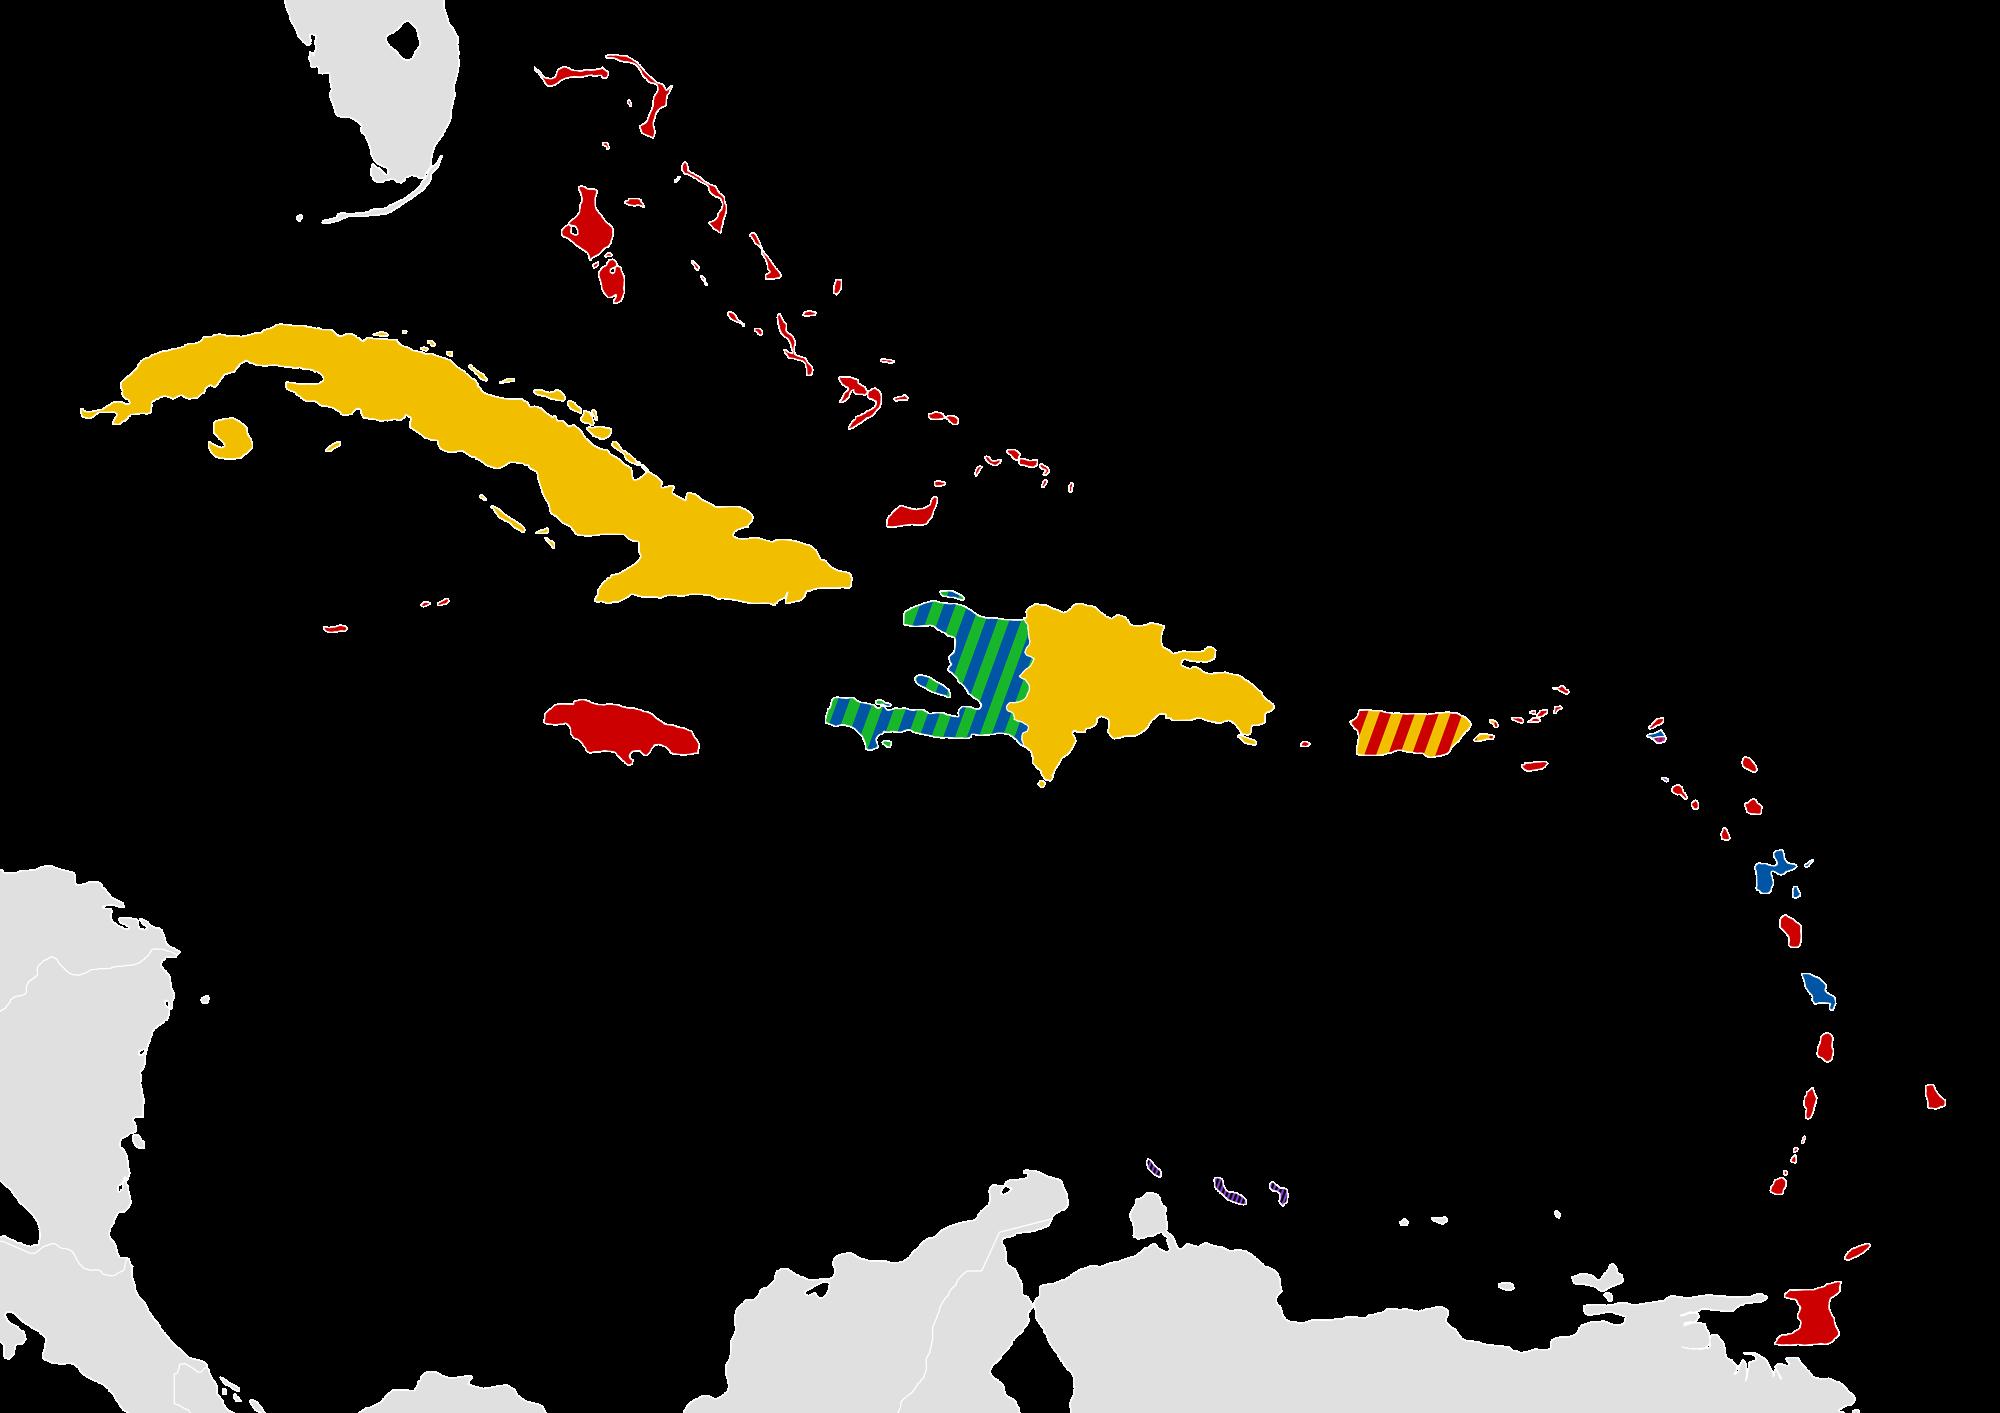 Caribbean svg #12, Download drawings